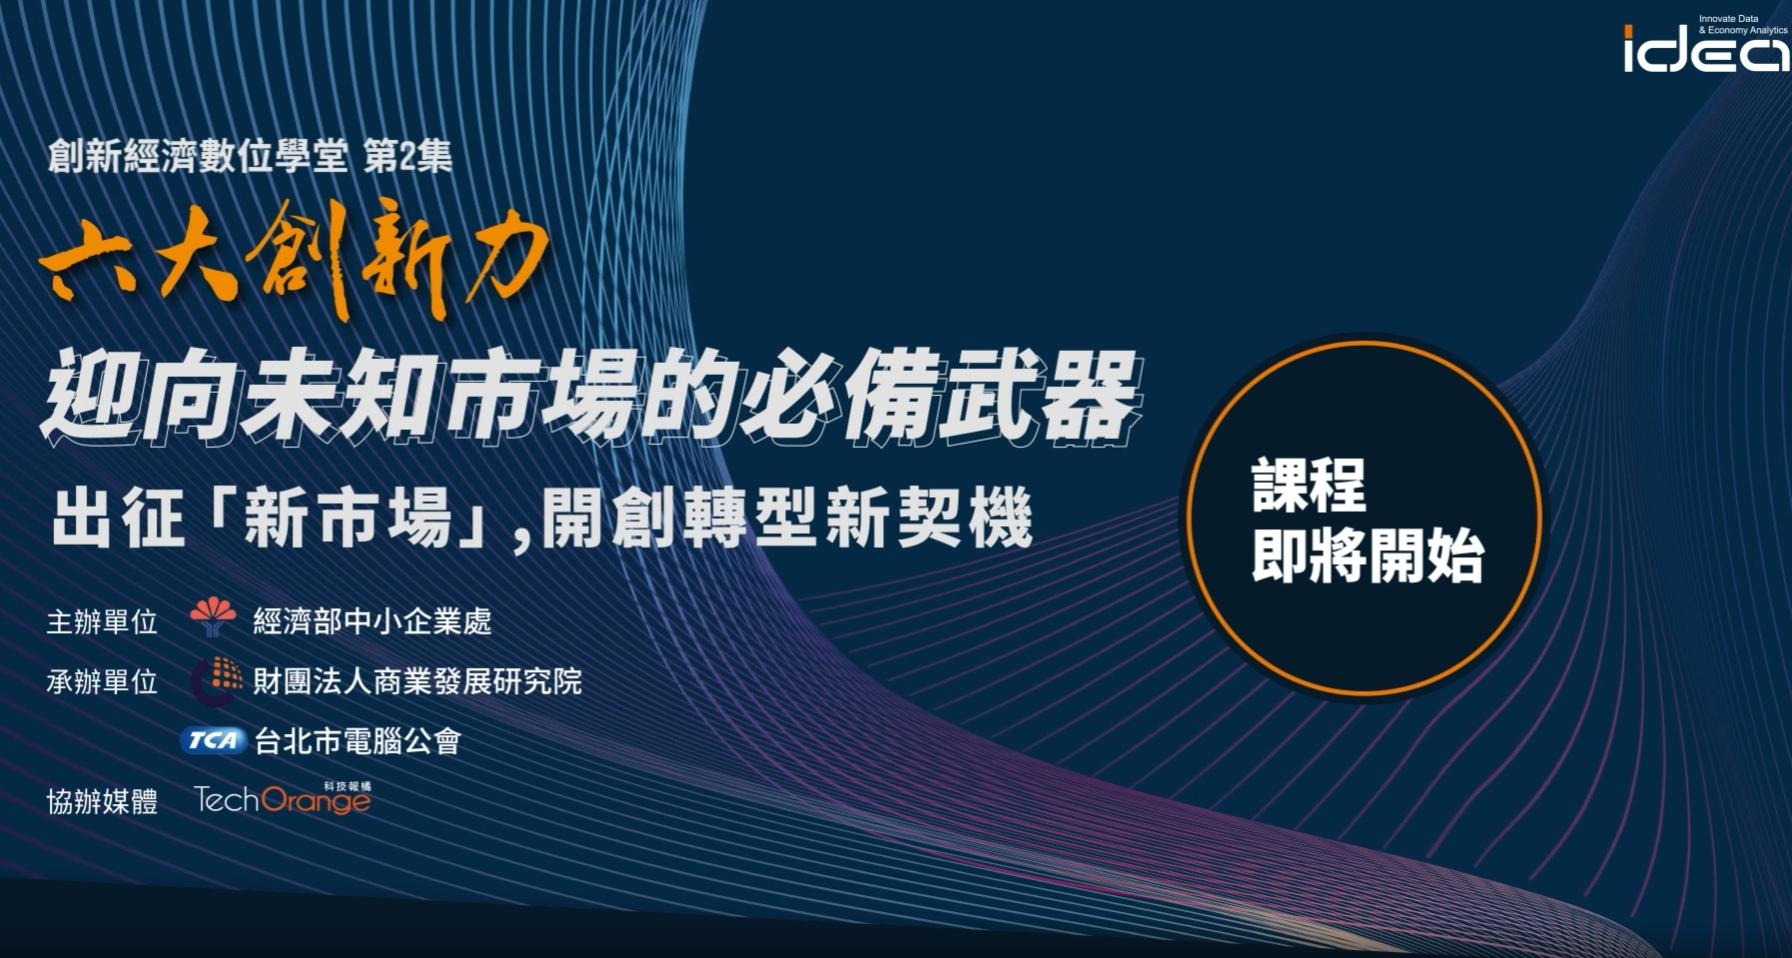 2020臺灣中小企業數位轉型典範論壇